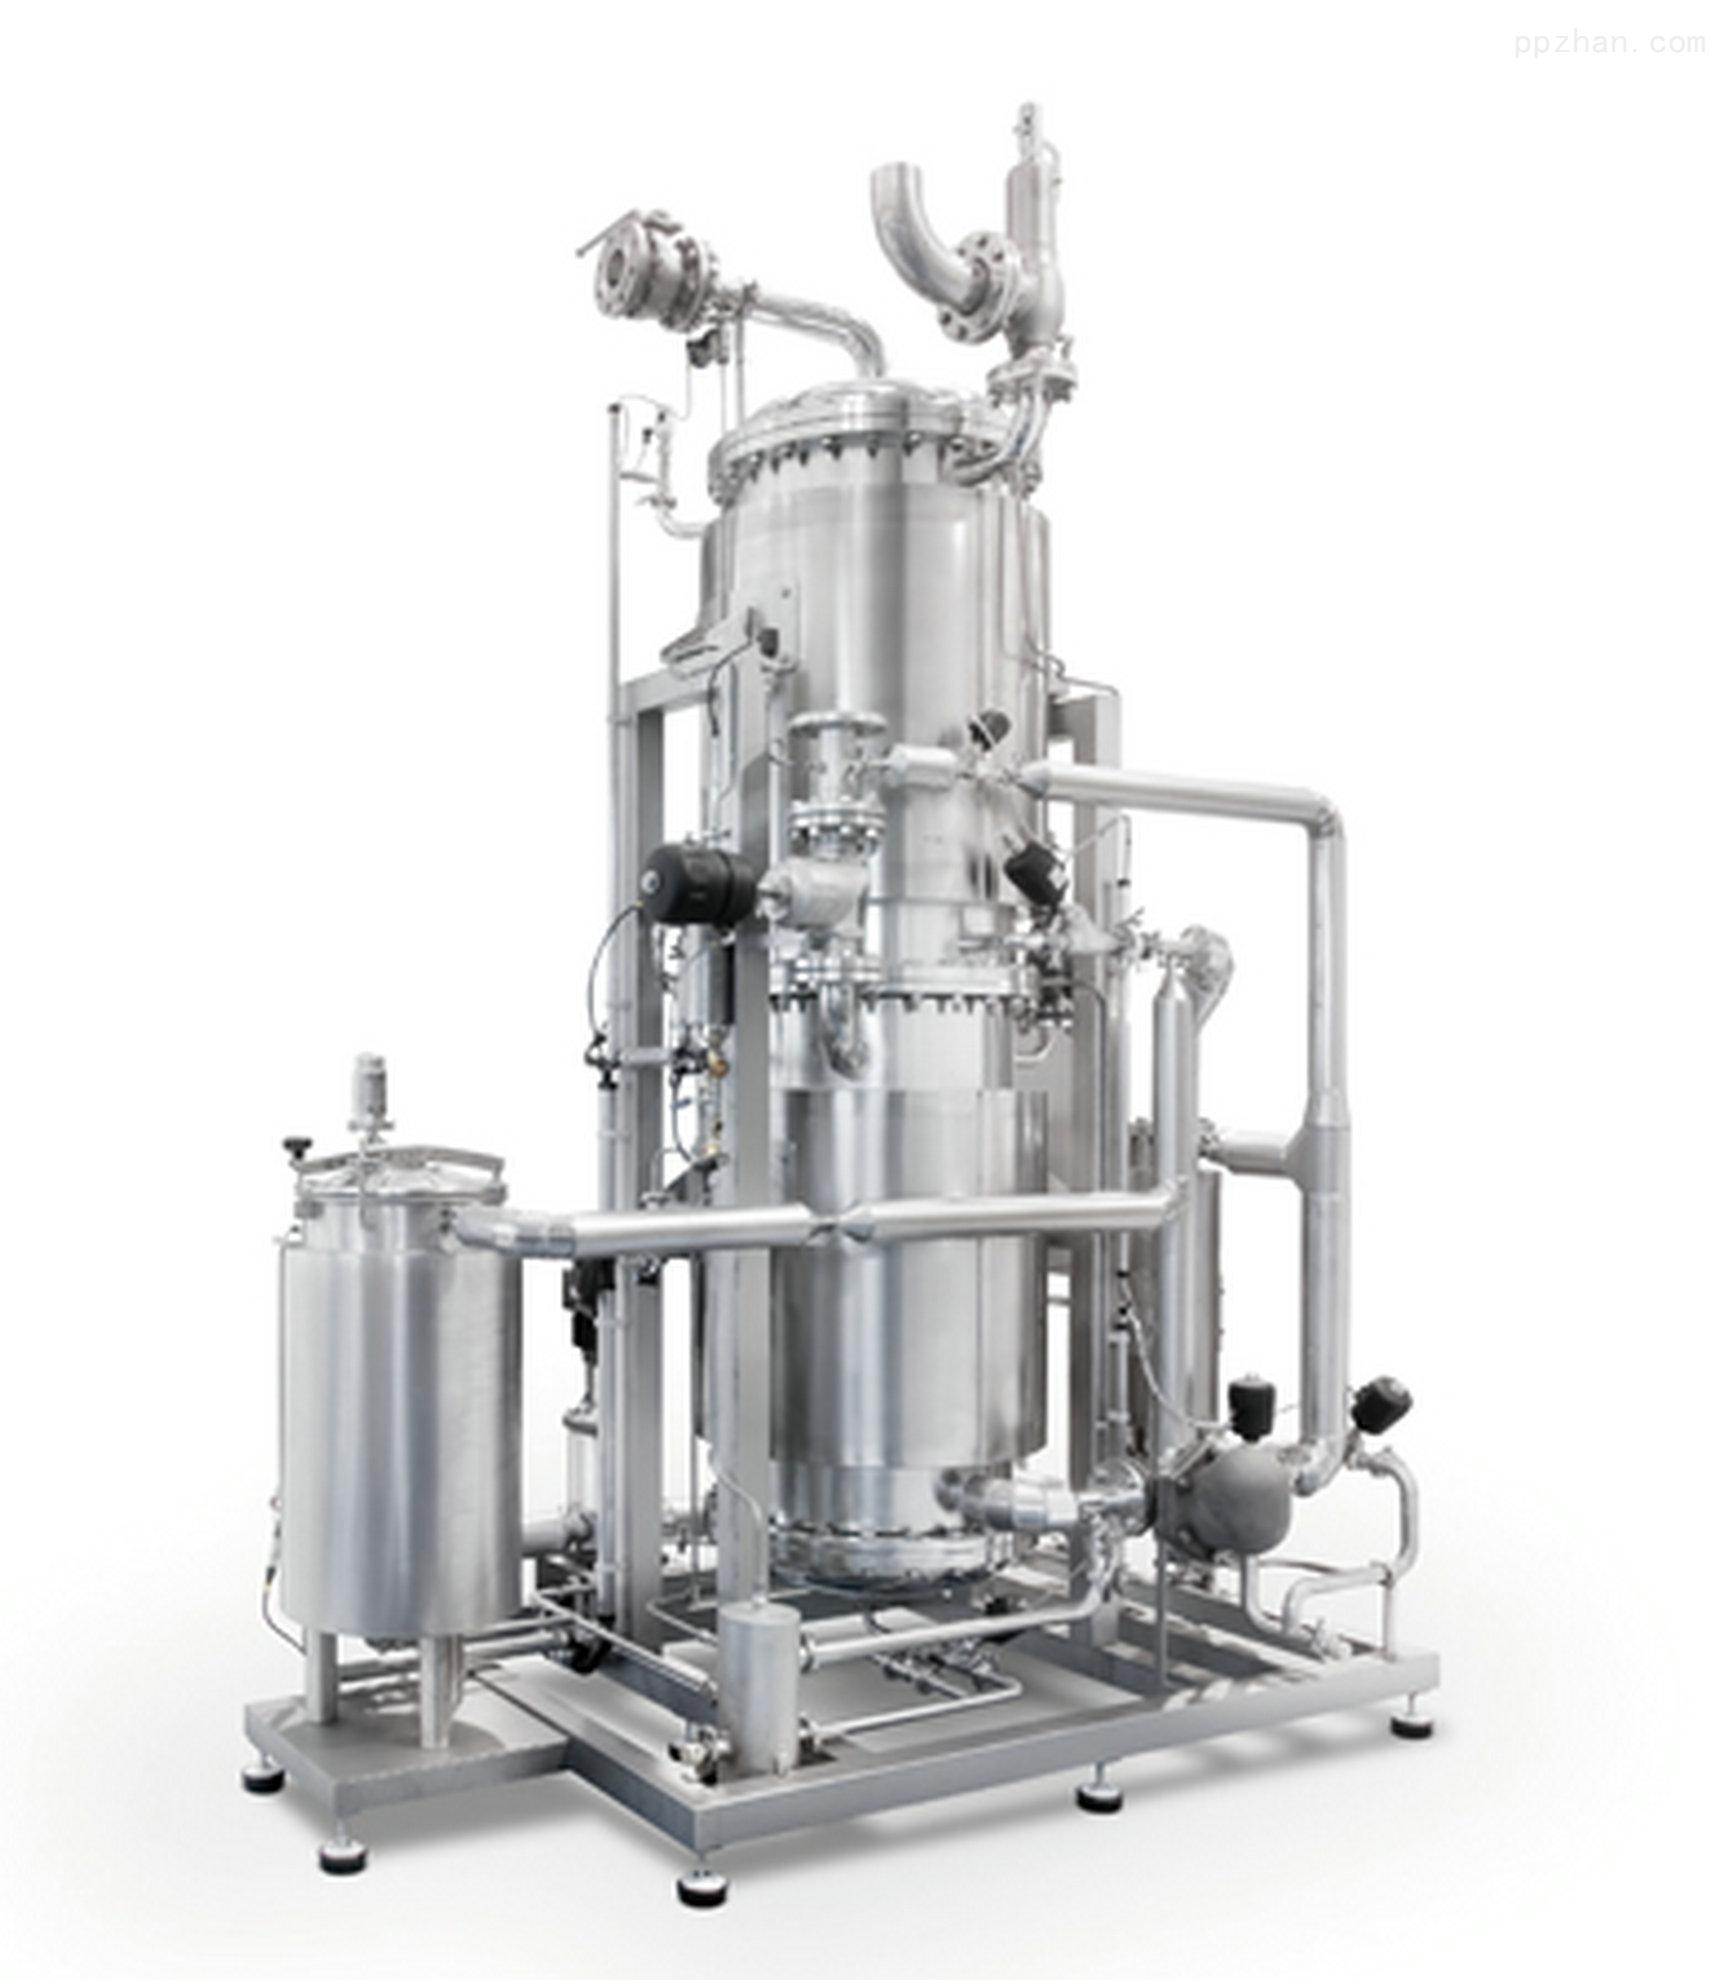 纯蒸汽发生器-供求商机-温州恒通水处理设备有限公司